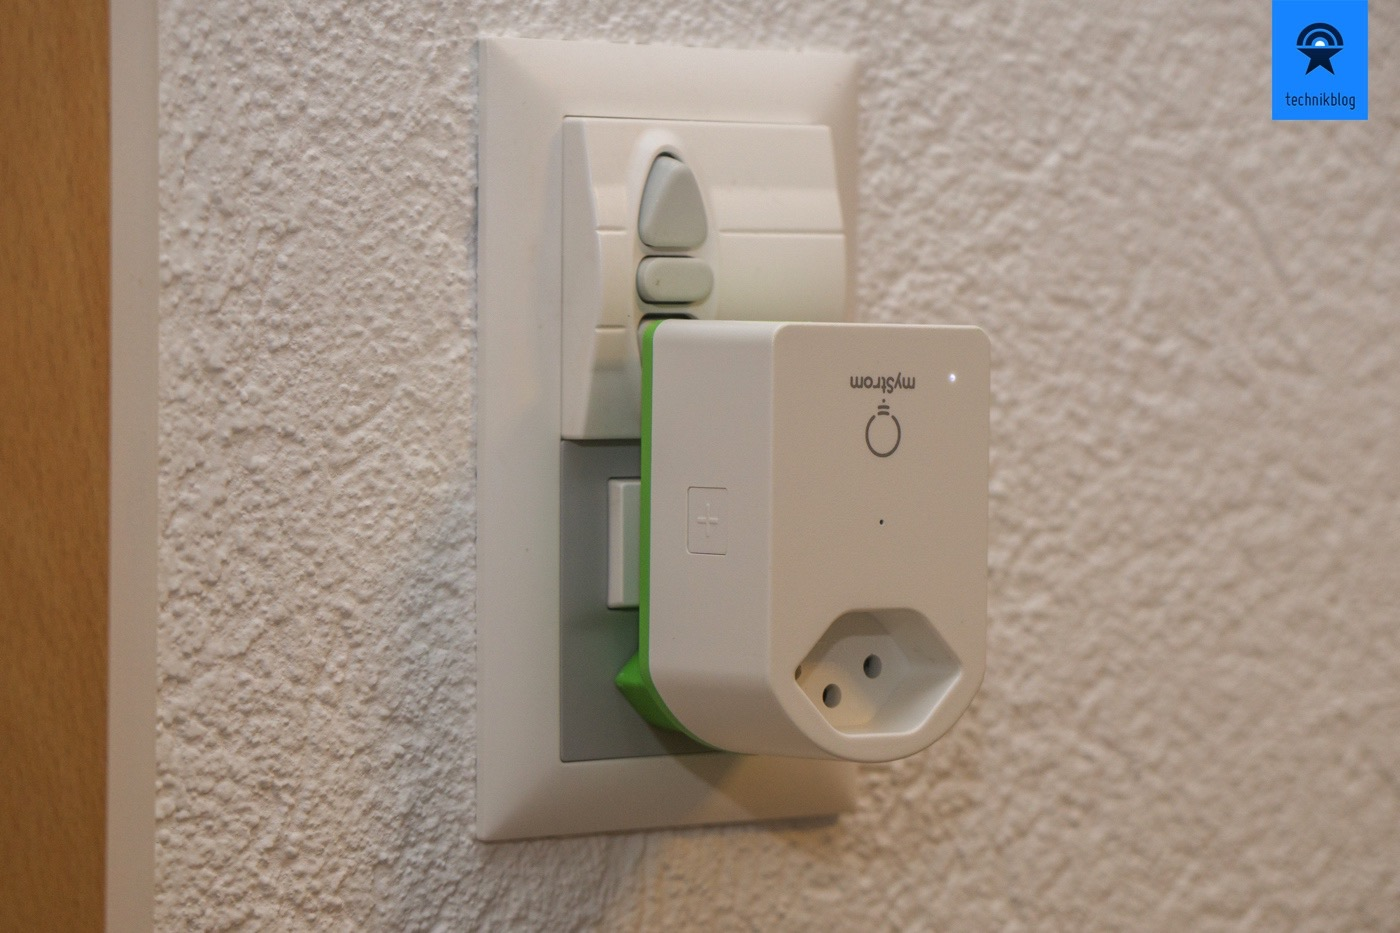 Einziges Manko, an Lichtschaltern mit Steckdosen, wird der Schalter verdeckt.